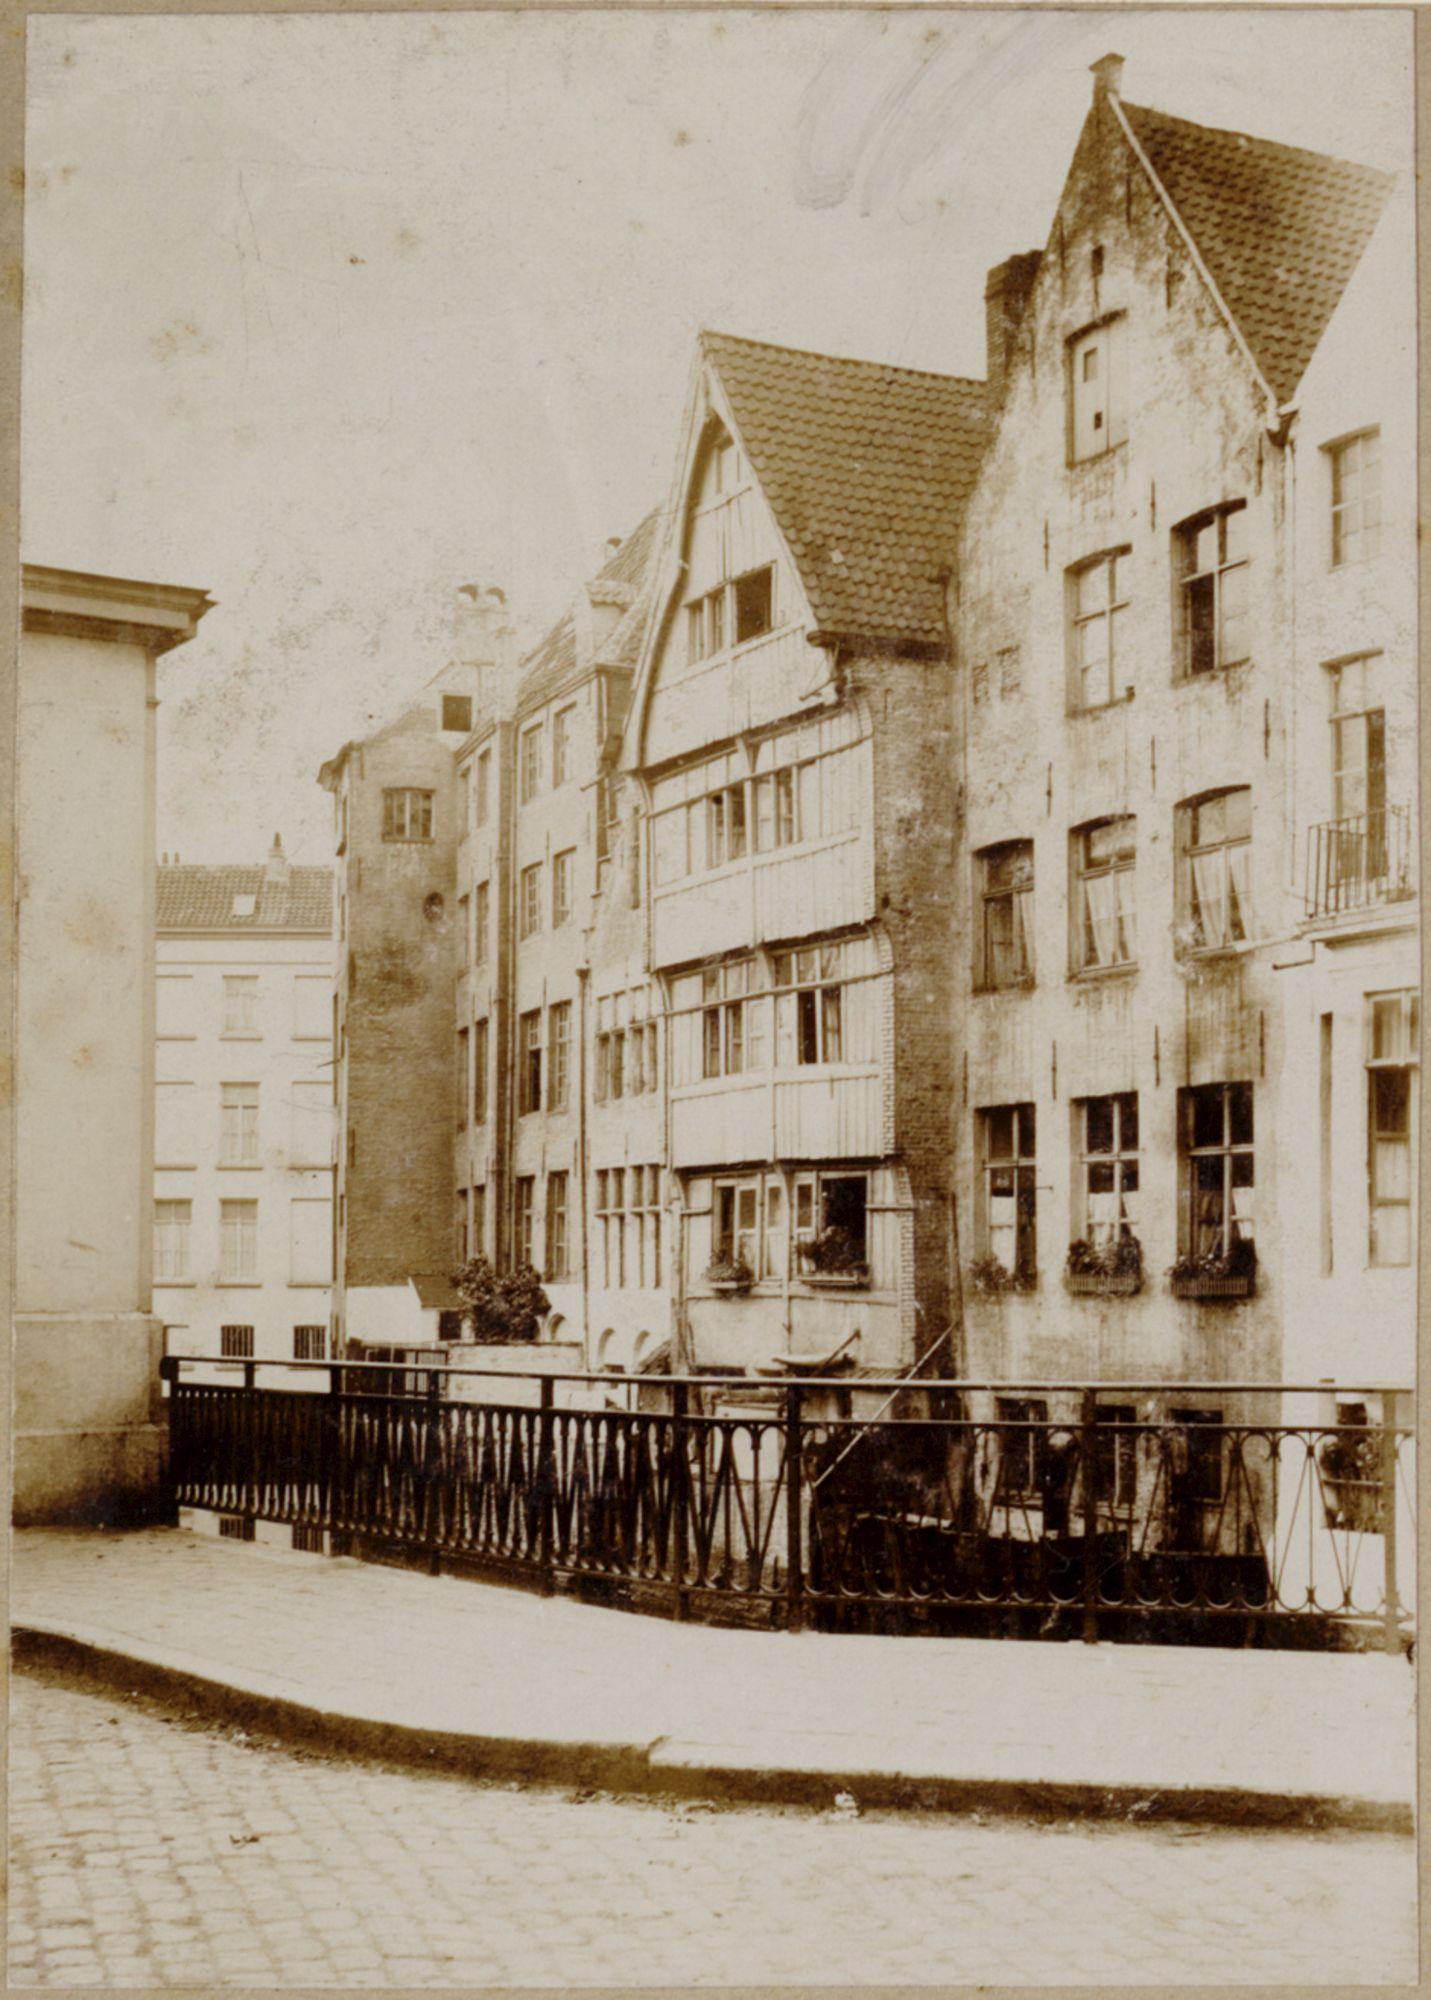 Gent: Jan Breydelstraat